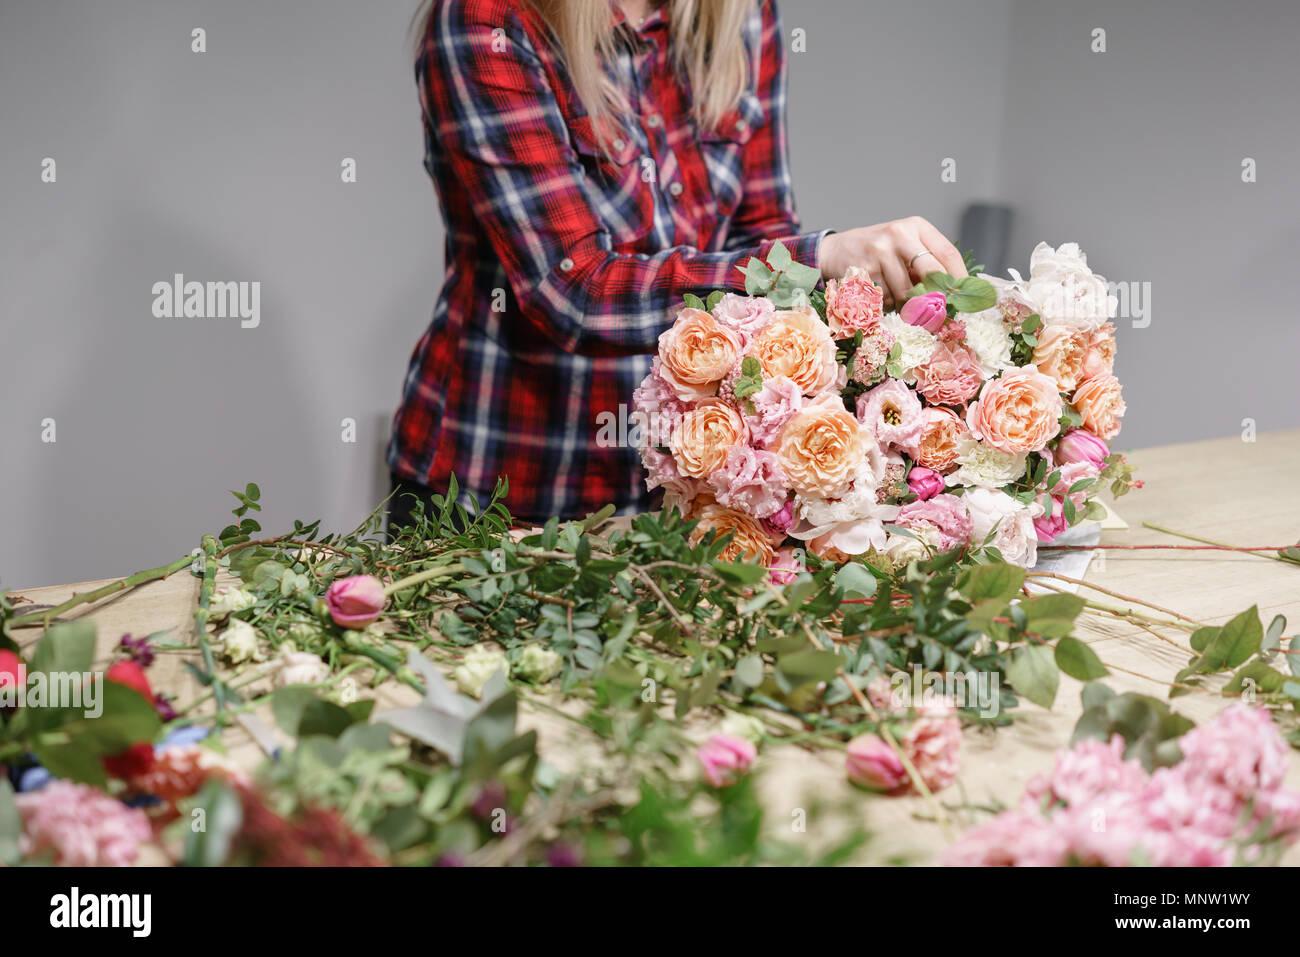 Weibliche Florist. Florale Werkstatt - Frau, die eine schöne Blume Komposition einen Blumenstrauß. Floristik Konzept Stockbild